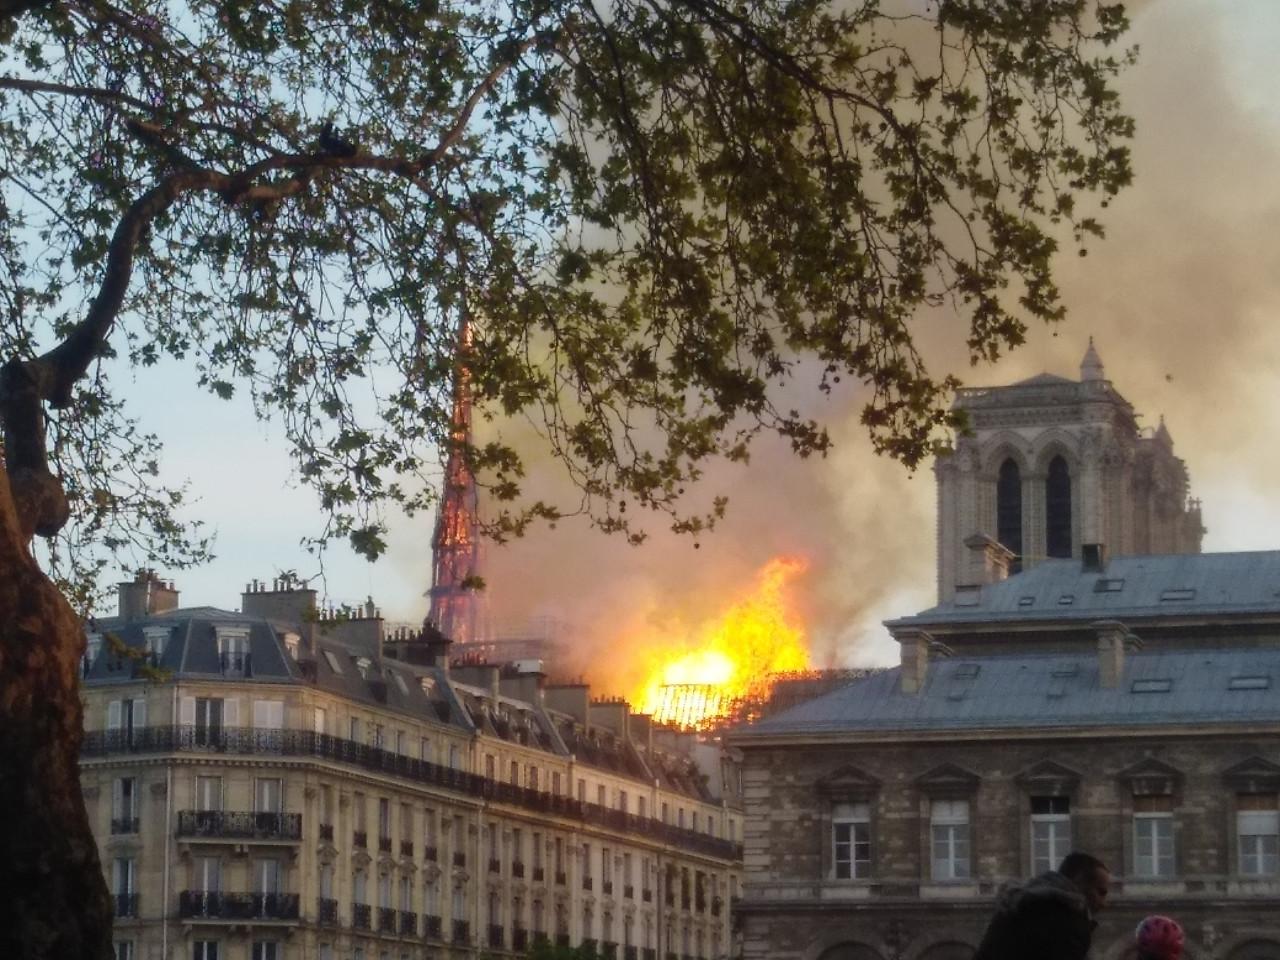 Incendio Notre Dame: cosa è successo, cosa sapere se vai a Parigi